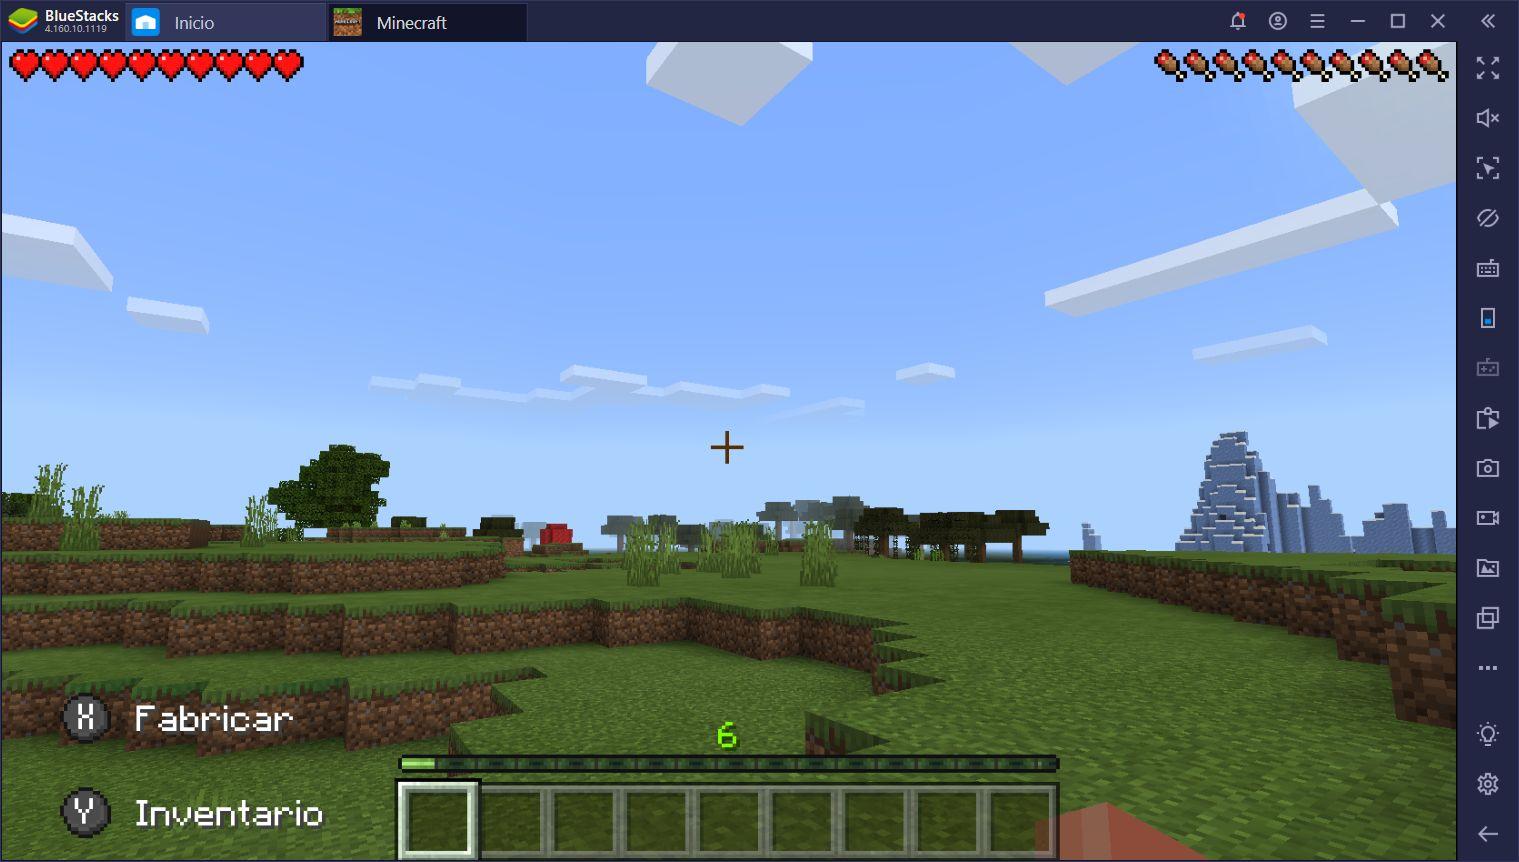 Minecraft Modo Supervivencia – Cómo Sobrevivir el Primer Día y Construir una Base